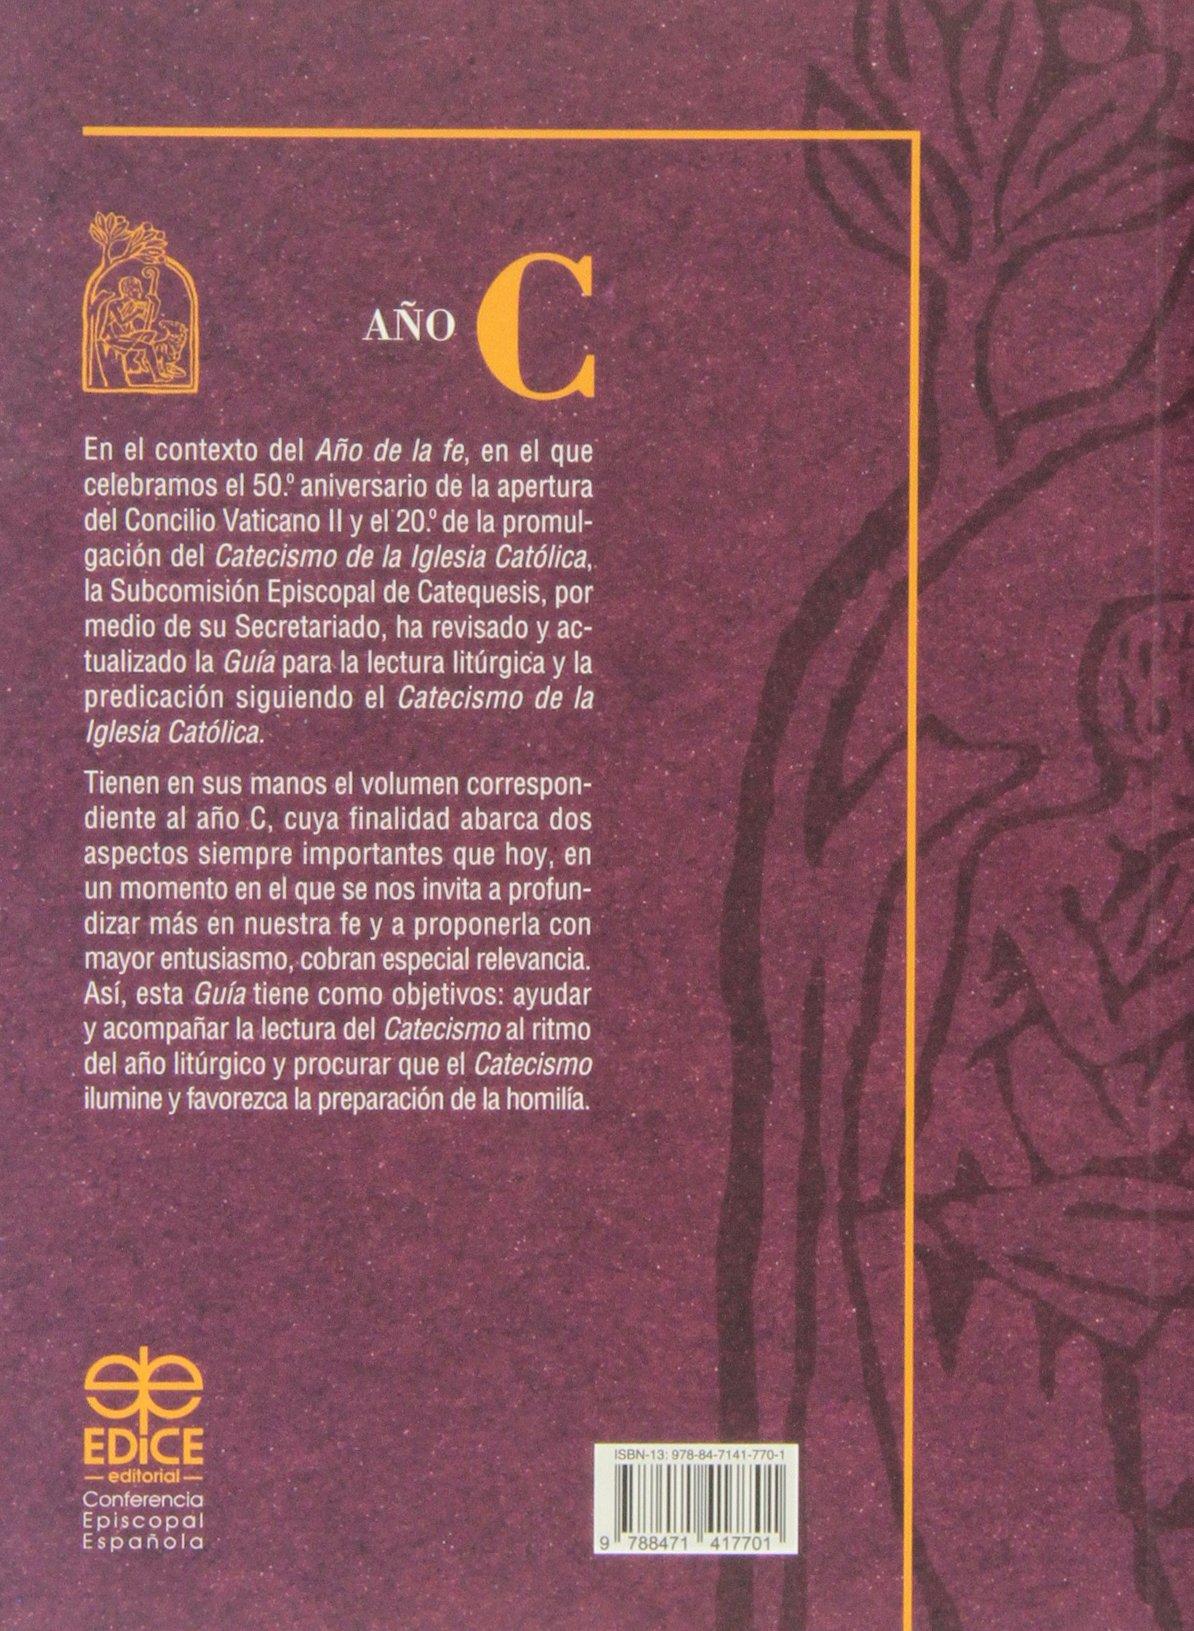 CATECISMO DE LA IGLESIA CATOLICA: Amazon.es: CEE: Libros